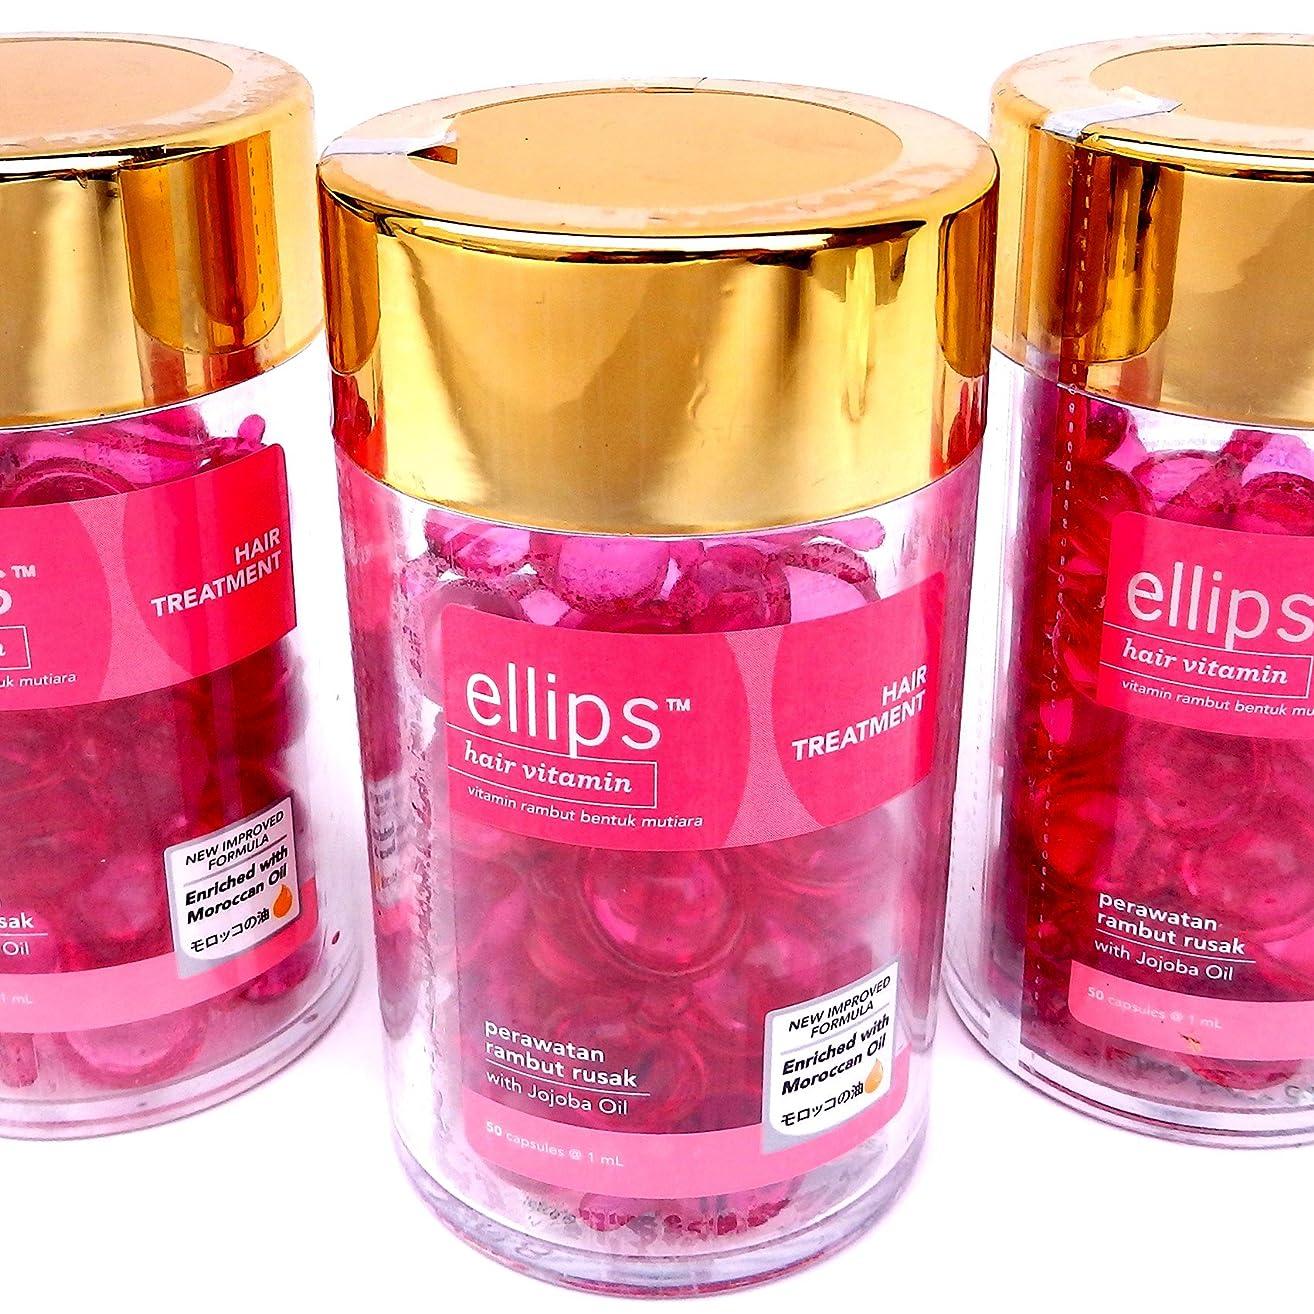 ジャンク召集するシエスタエリプス(Ellips) ヘアビタミン ピンク ボトル(50粒入)× 3 個セット[並行輸入品]